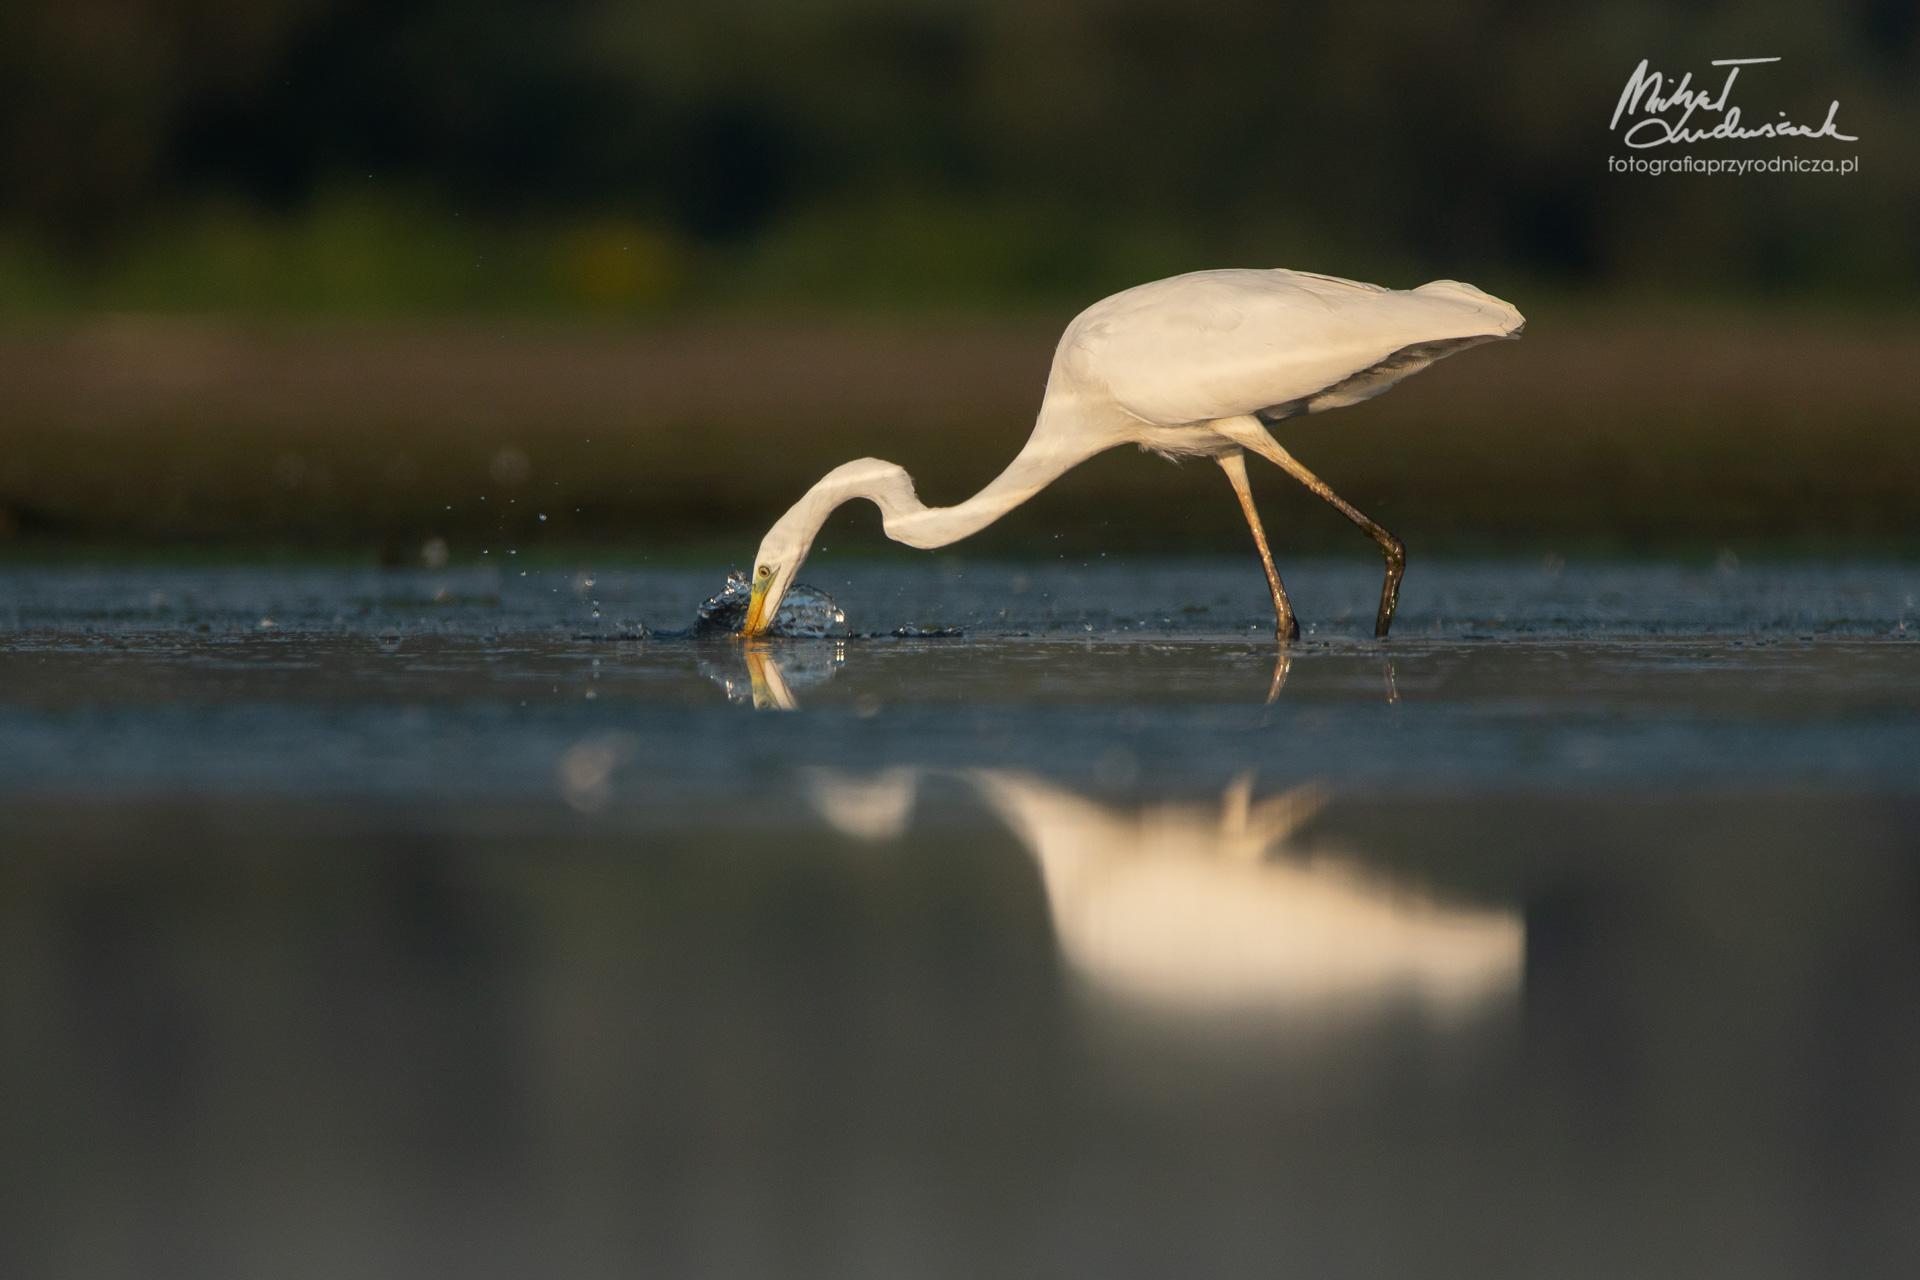 Nieudane polowanie - czapla biała